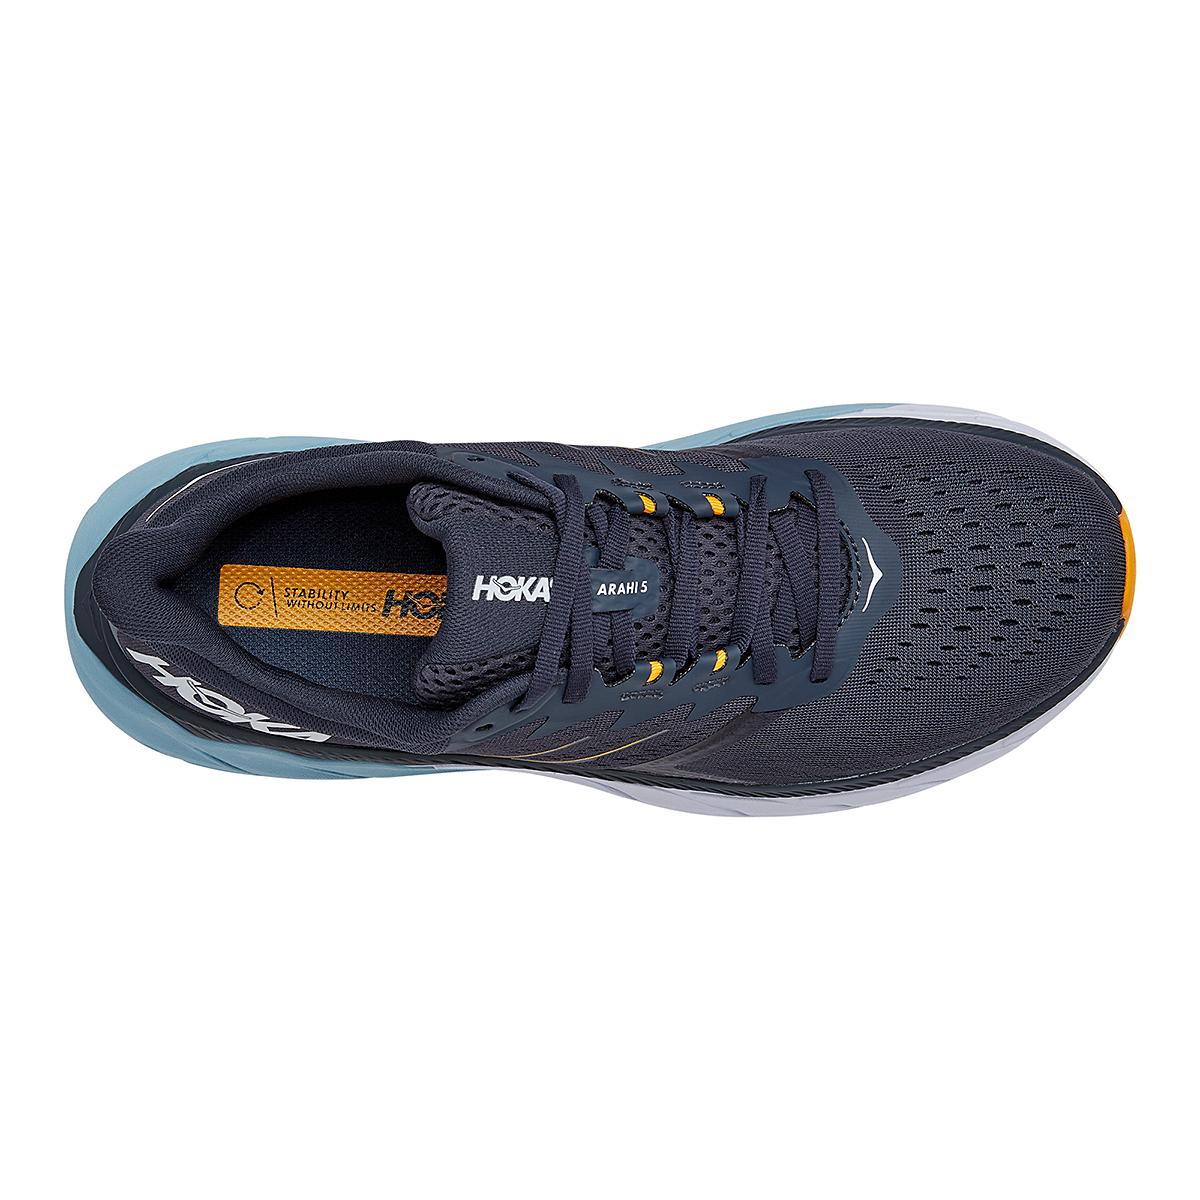 Men's Hoka One One Arahi 5 Running Shoe - Color: Ombre Blue/Blue Fog - Size: 8.5 - Width: Regular, Ombre Blue/Blue Fog, large, image 5